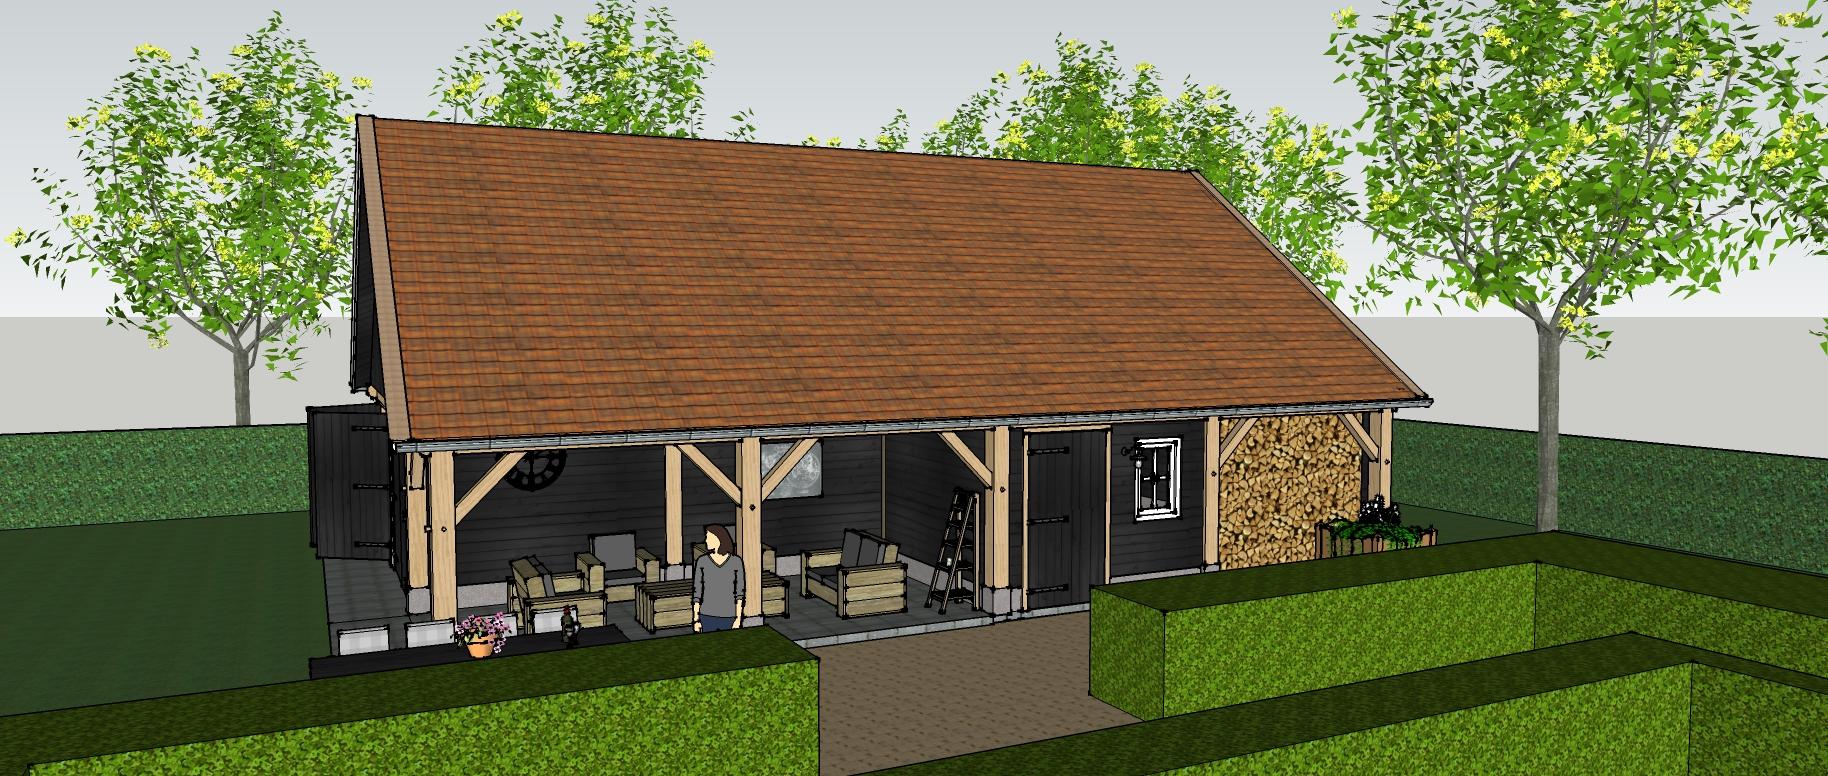 Ontwerp_klassiek_eiken_houten_schuur_2 - Ontwerp: Eikenhouten kapschuur met garage, overkapping en berging.